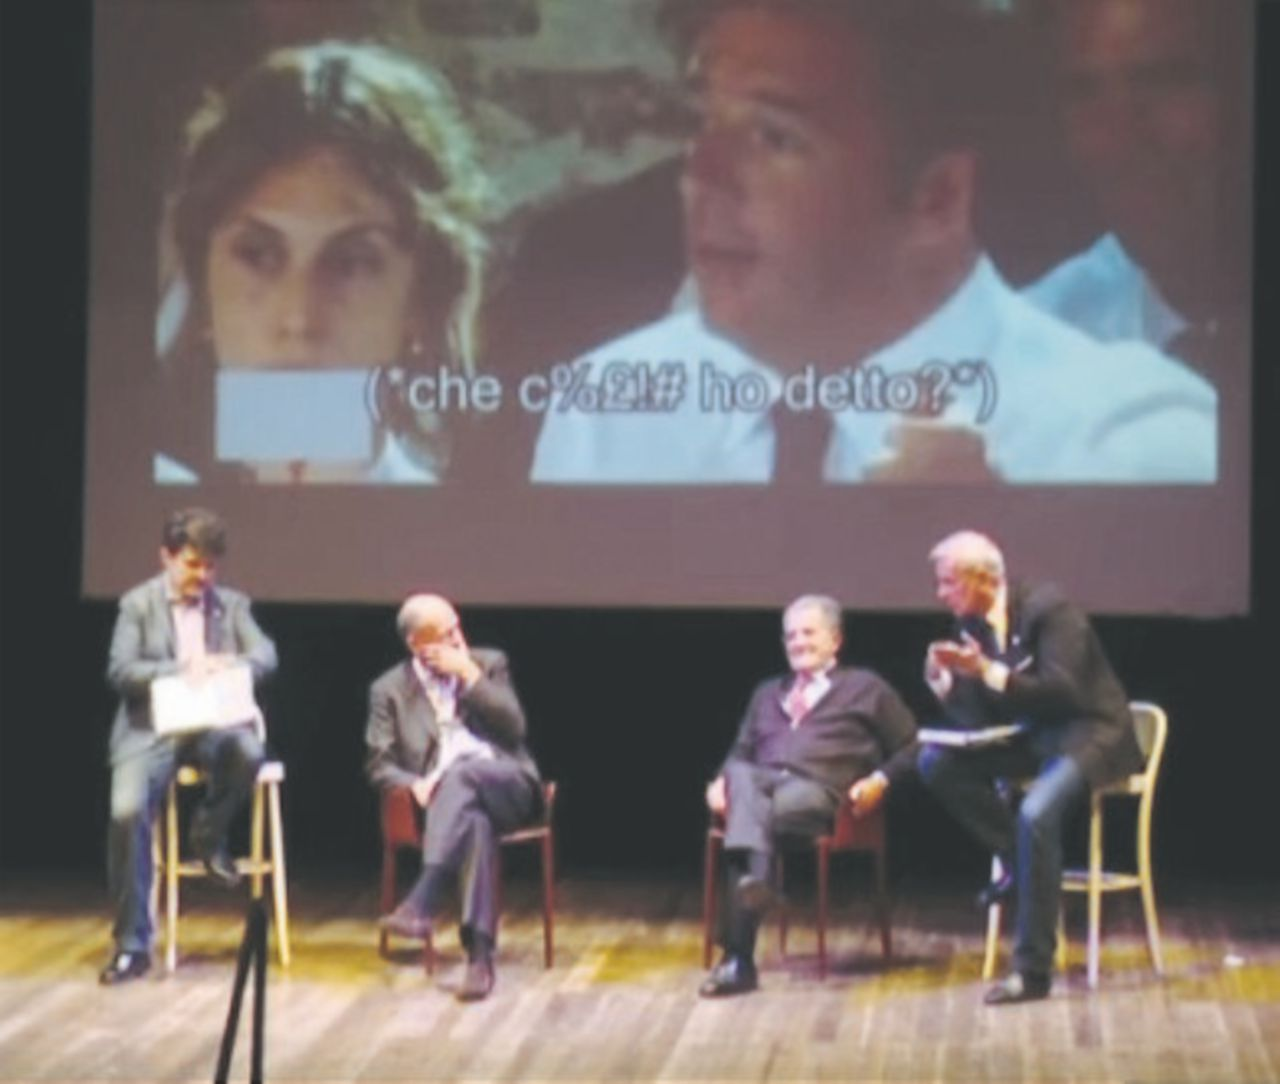 Prodi-Letta, l'asse delle risate anti-Matteo